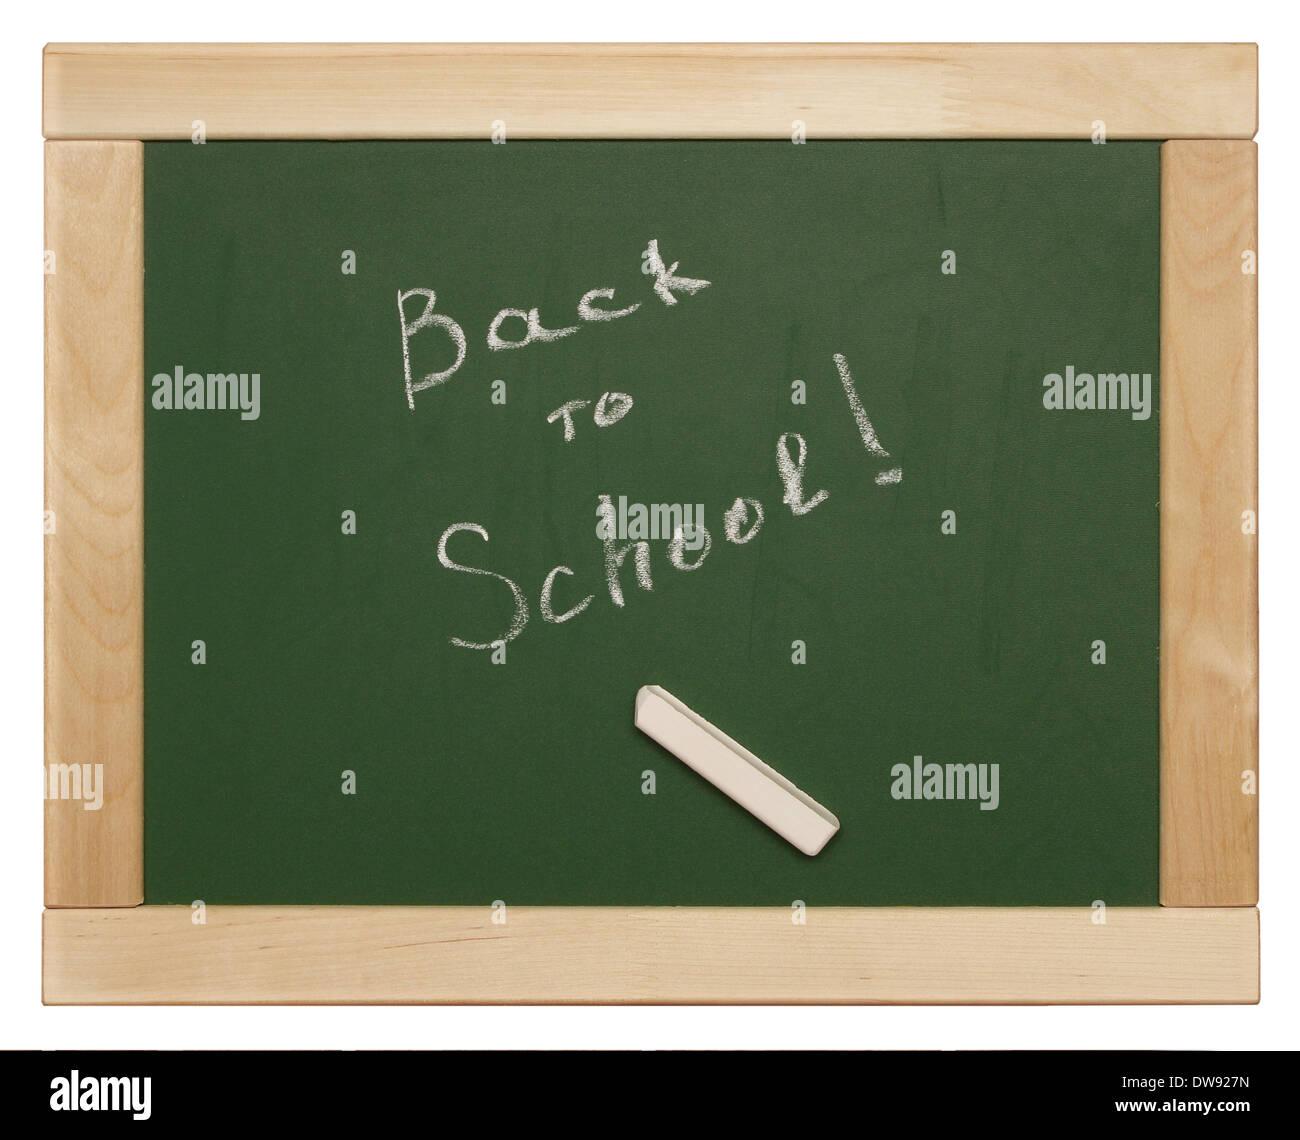 'back to school' written on blackboard - Stock Image